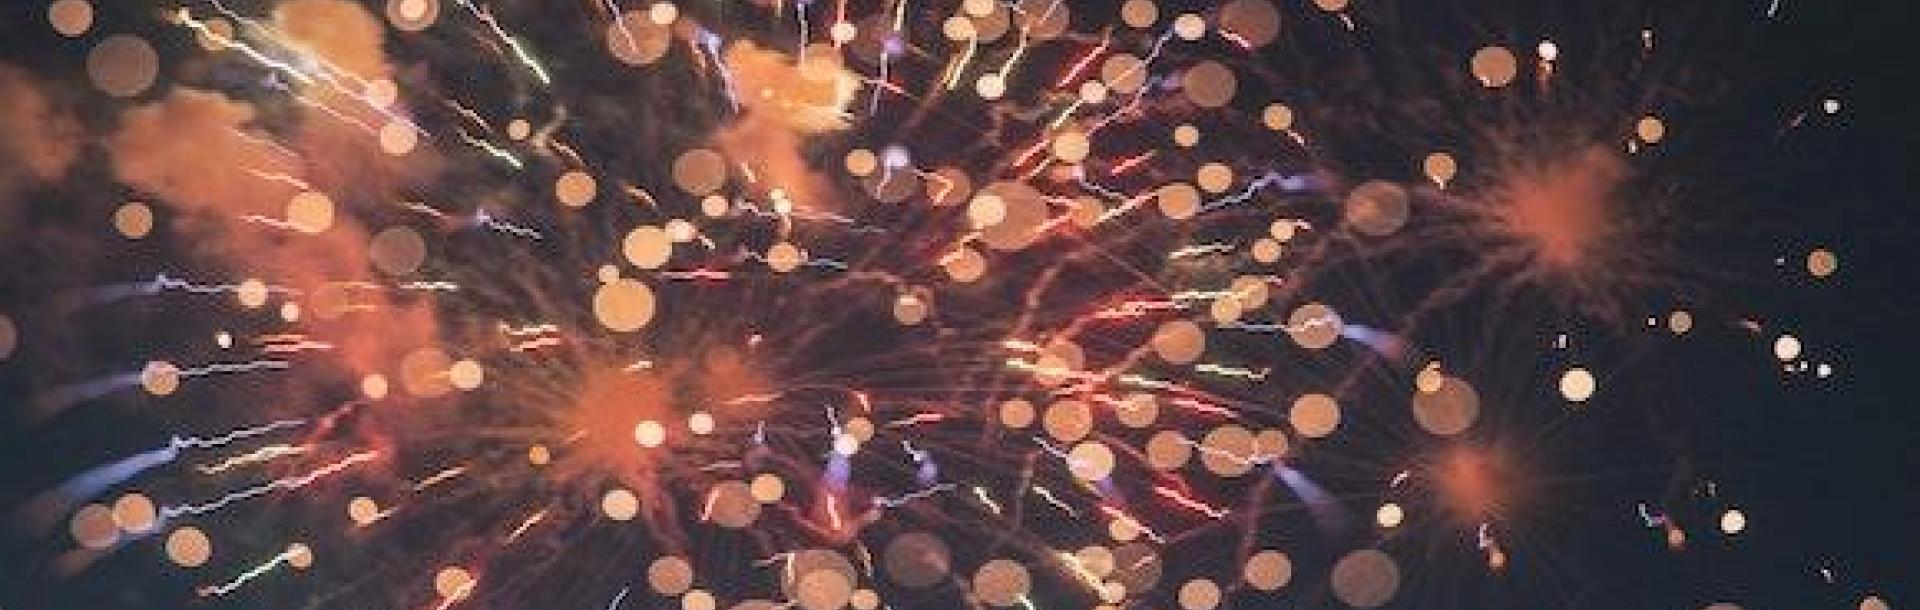 ברכות לזוכים בתואר הנכסף: יעל הראל, יפעת וינשטיין-זהרתום רבינוביץ ורינה (רימה) שימונוב-קלימוביצקי